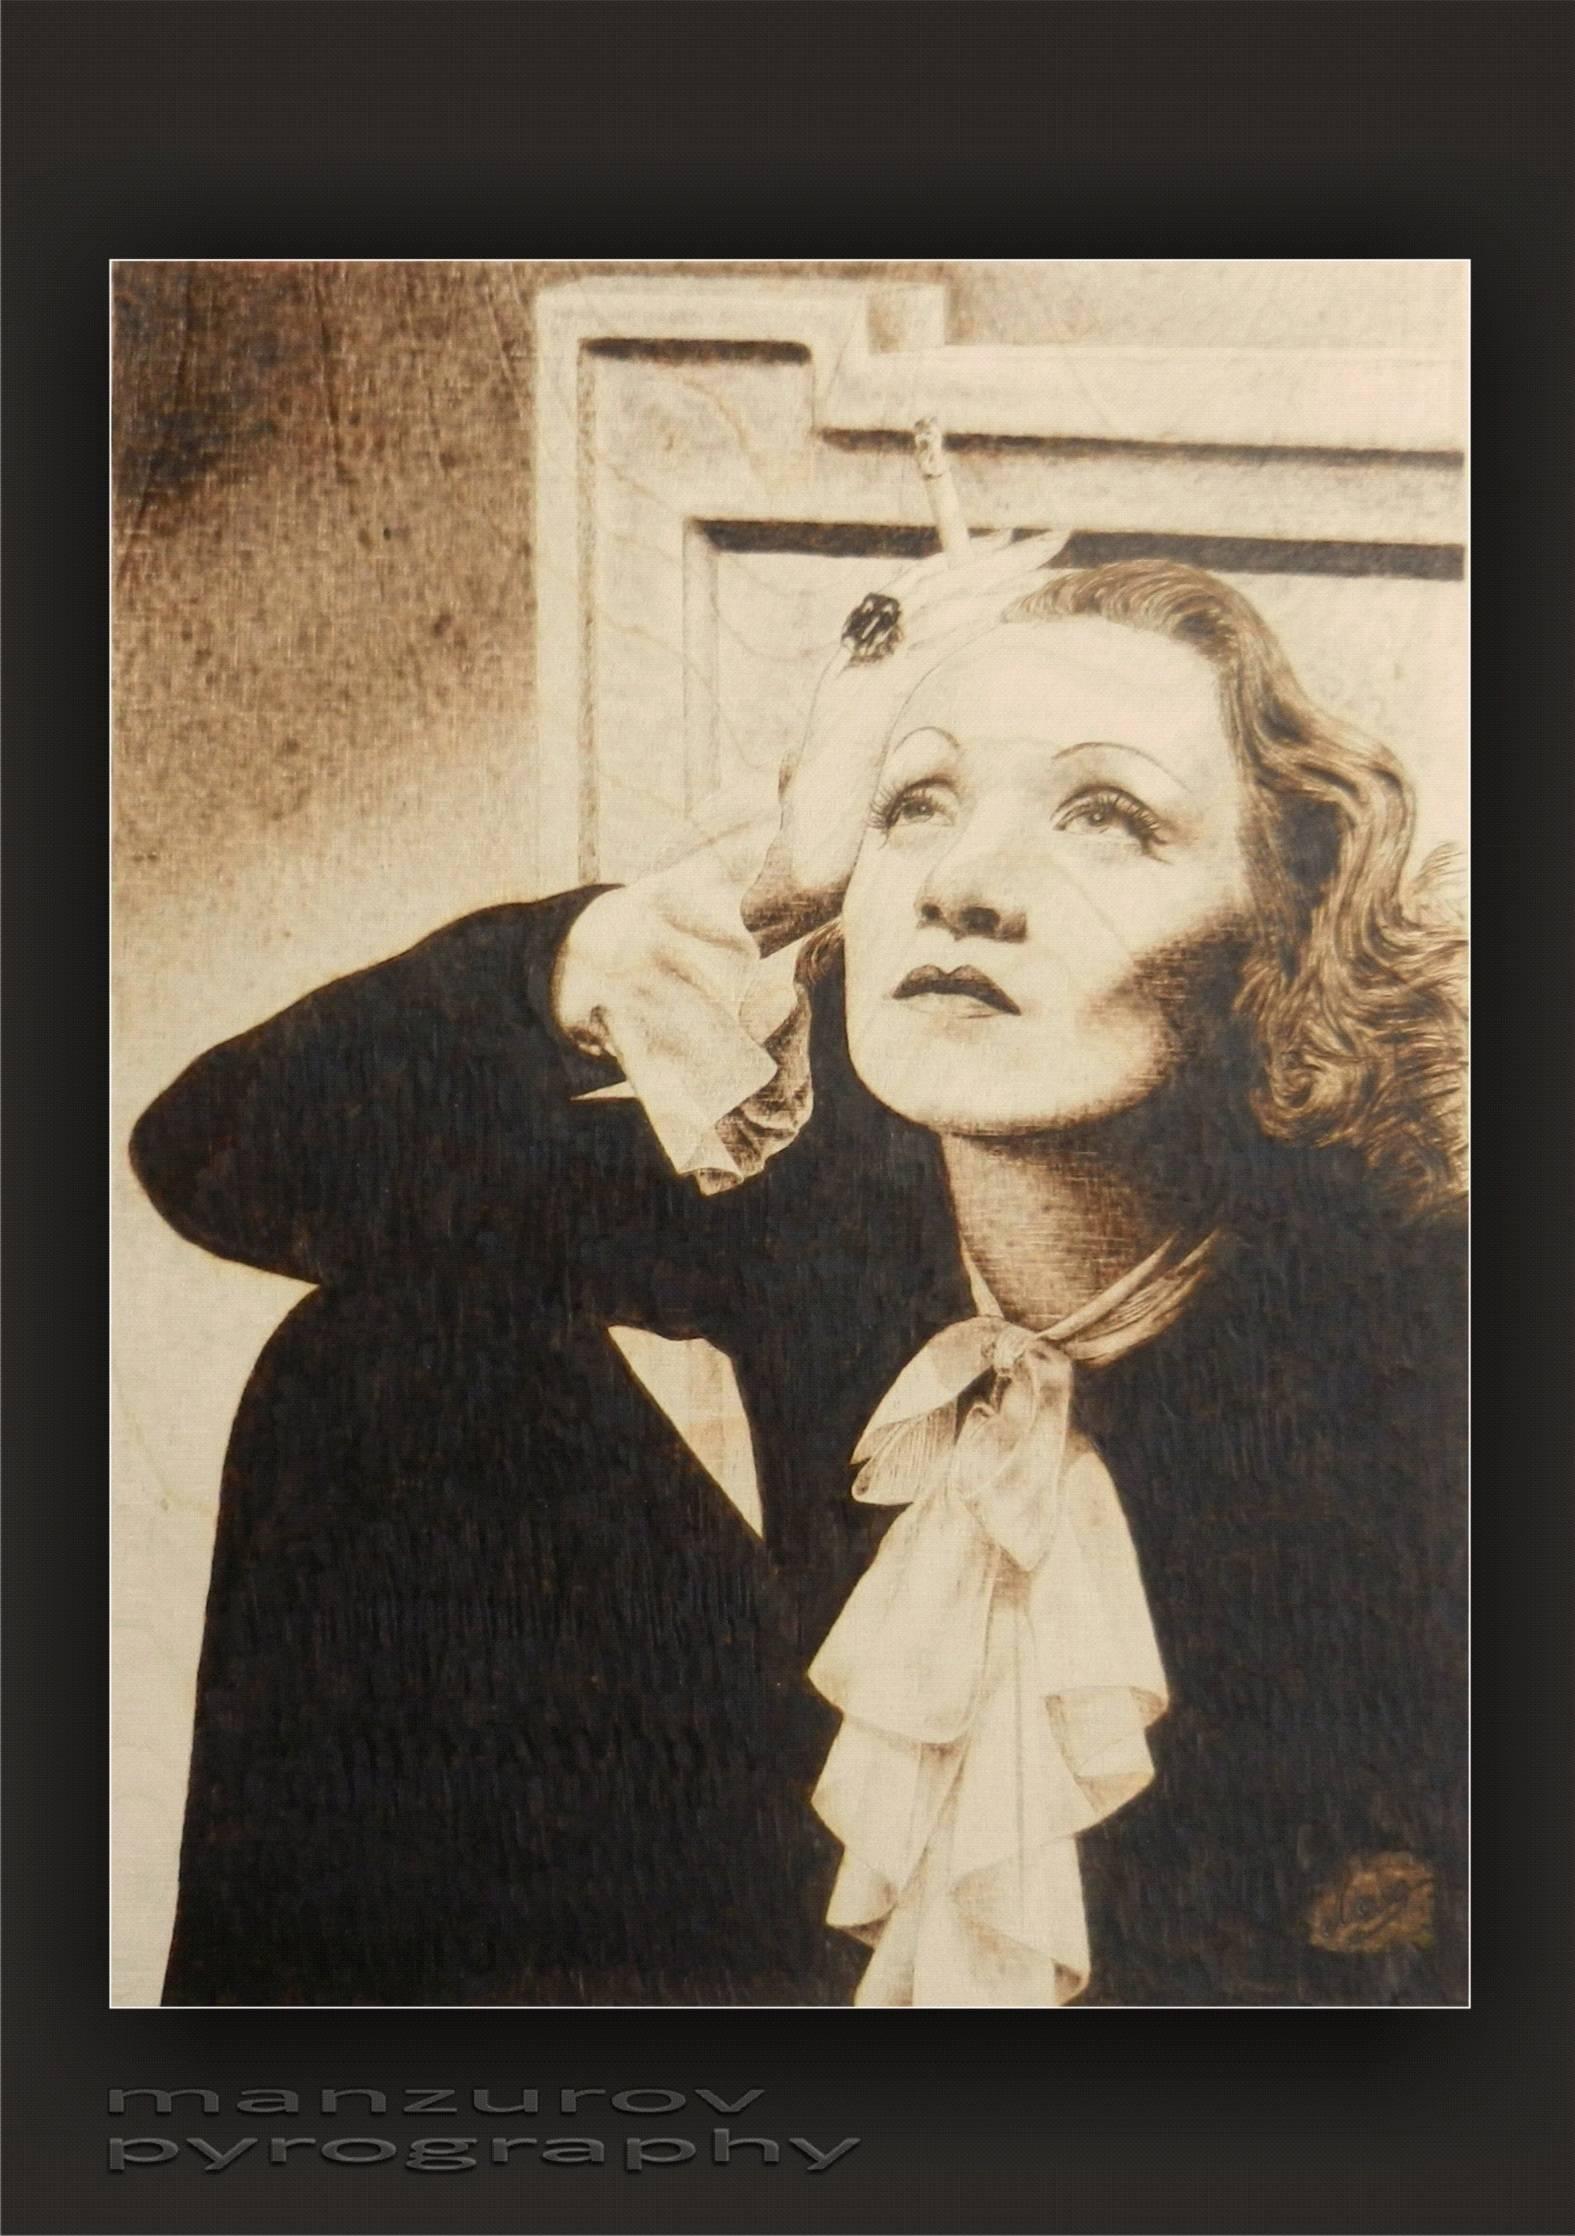 Марлен Дитрих. Пирография, березовая фанера, матовый лак. Размер 42х60см